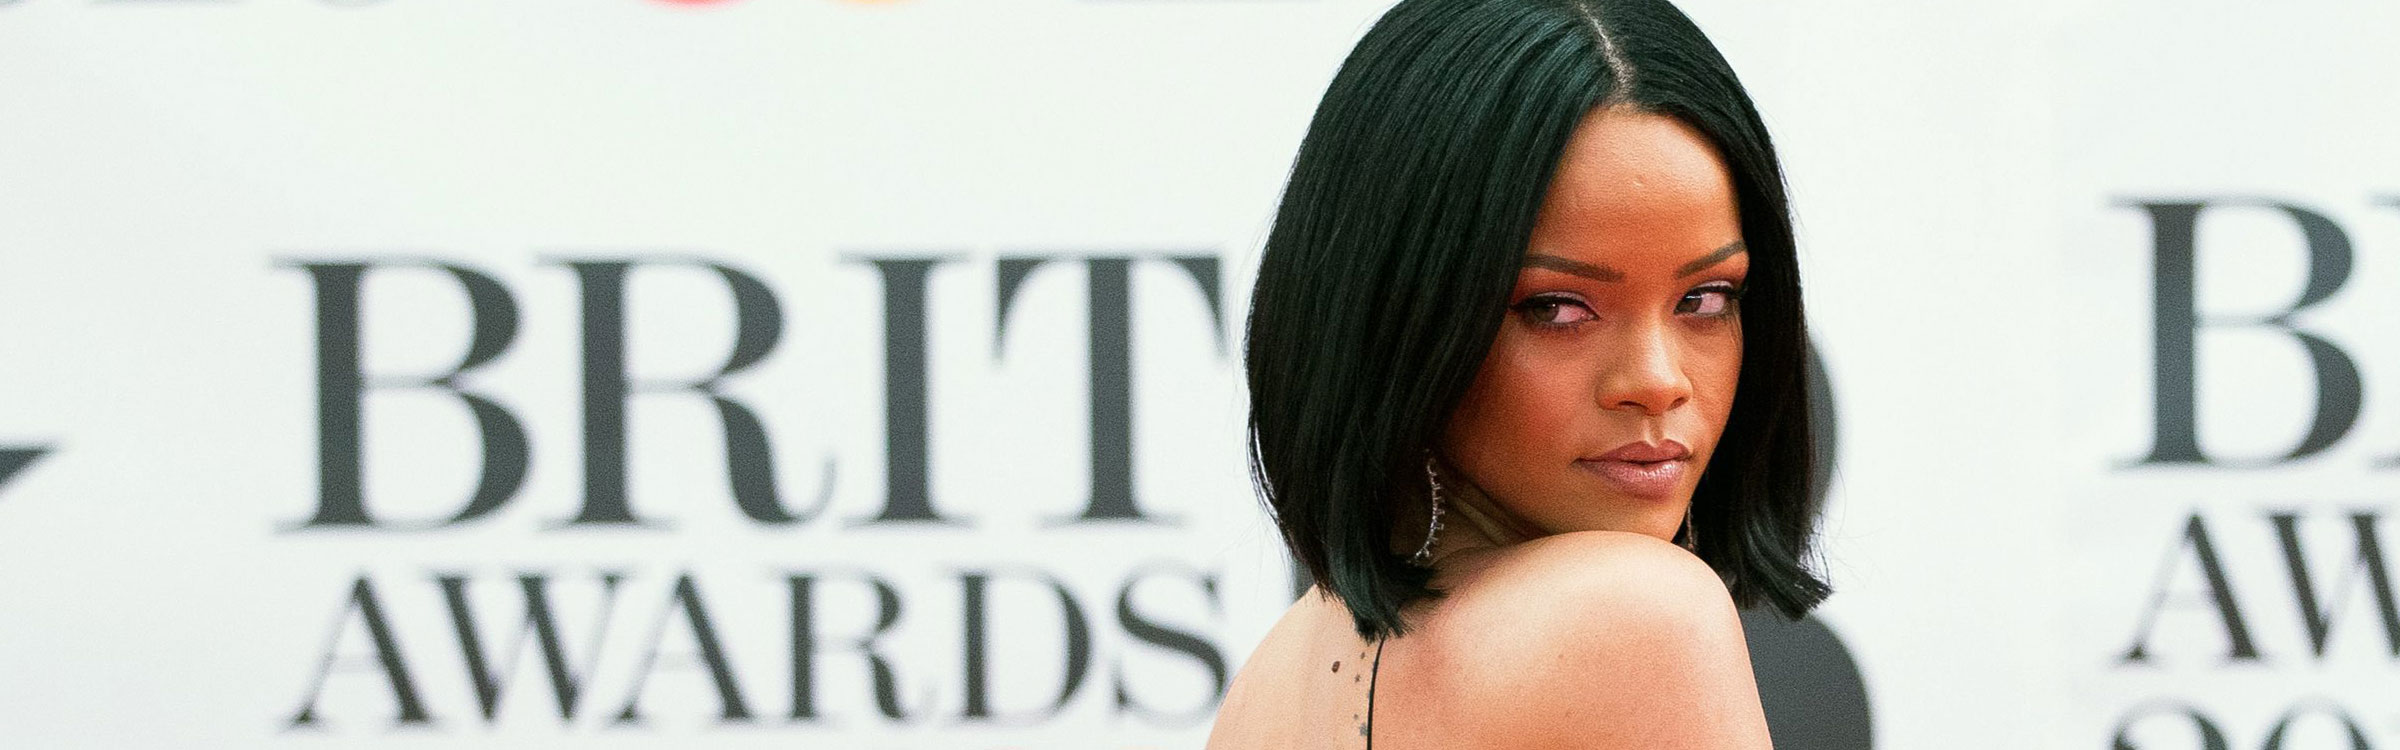 Rihanna header